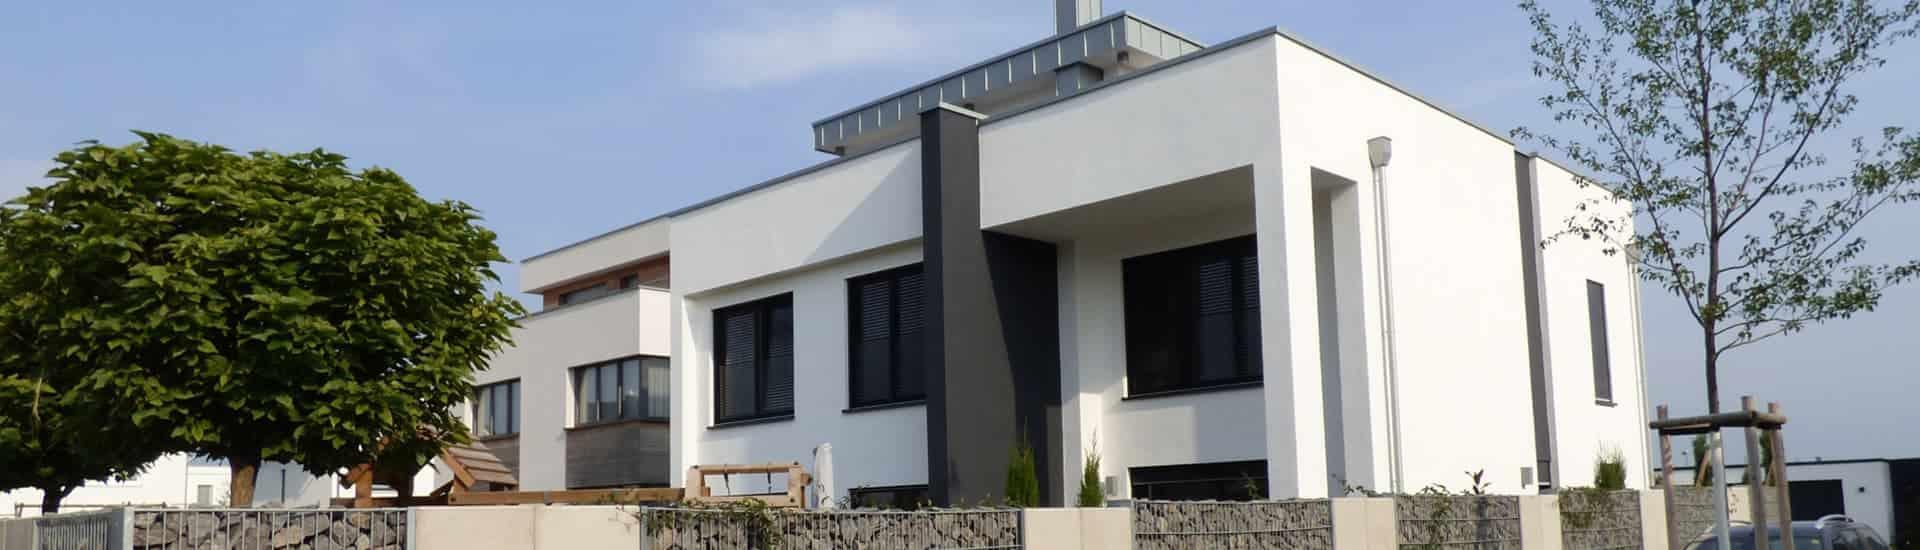 Hausentwurf von Artros Planen & Bauen